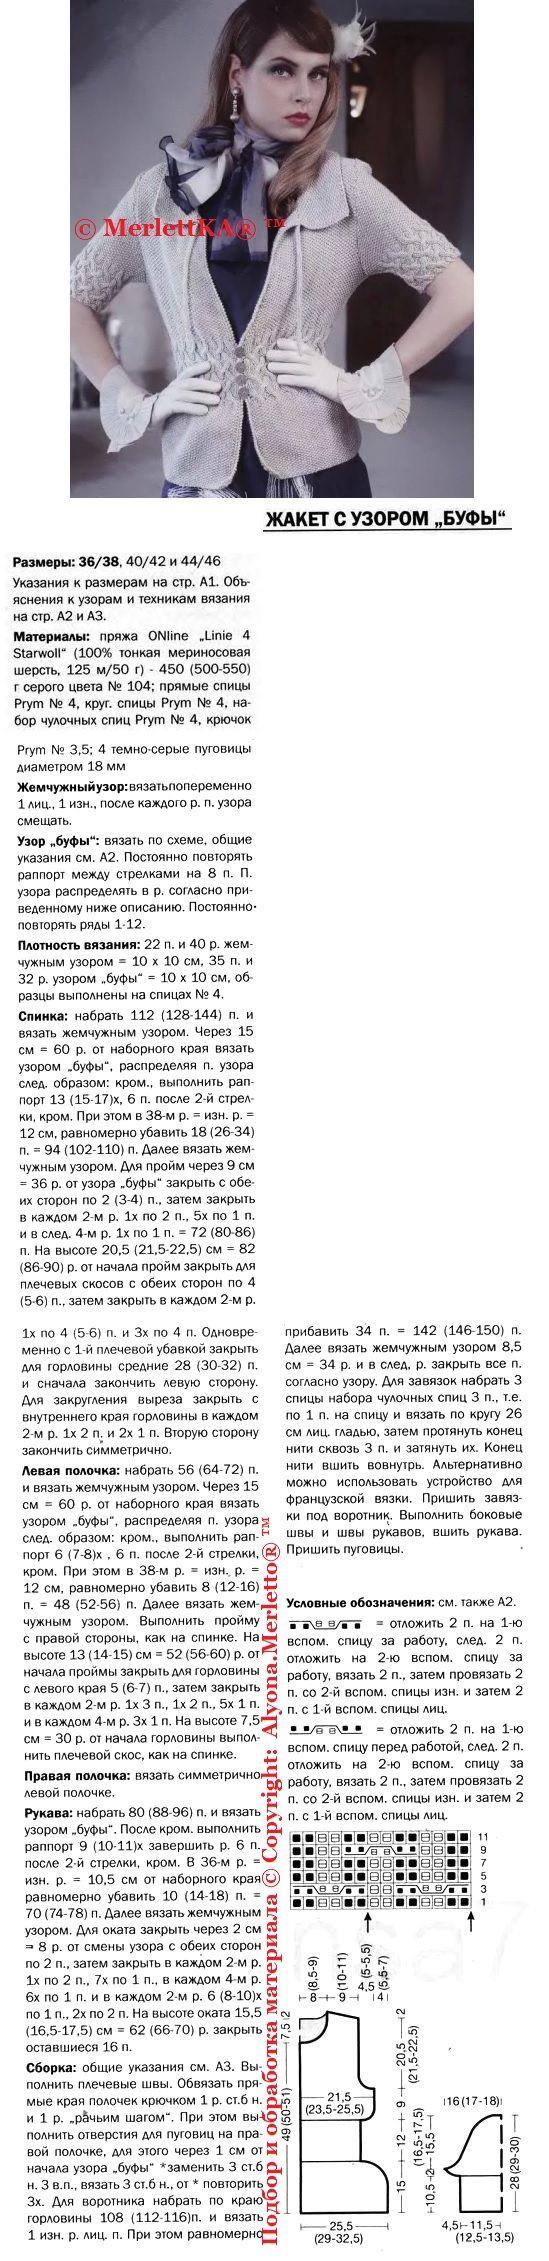 Жакет с узором буфы .... Обсуждение на LiveInternet - Российский Сервис Онлайн-Дневников